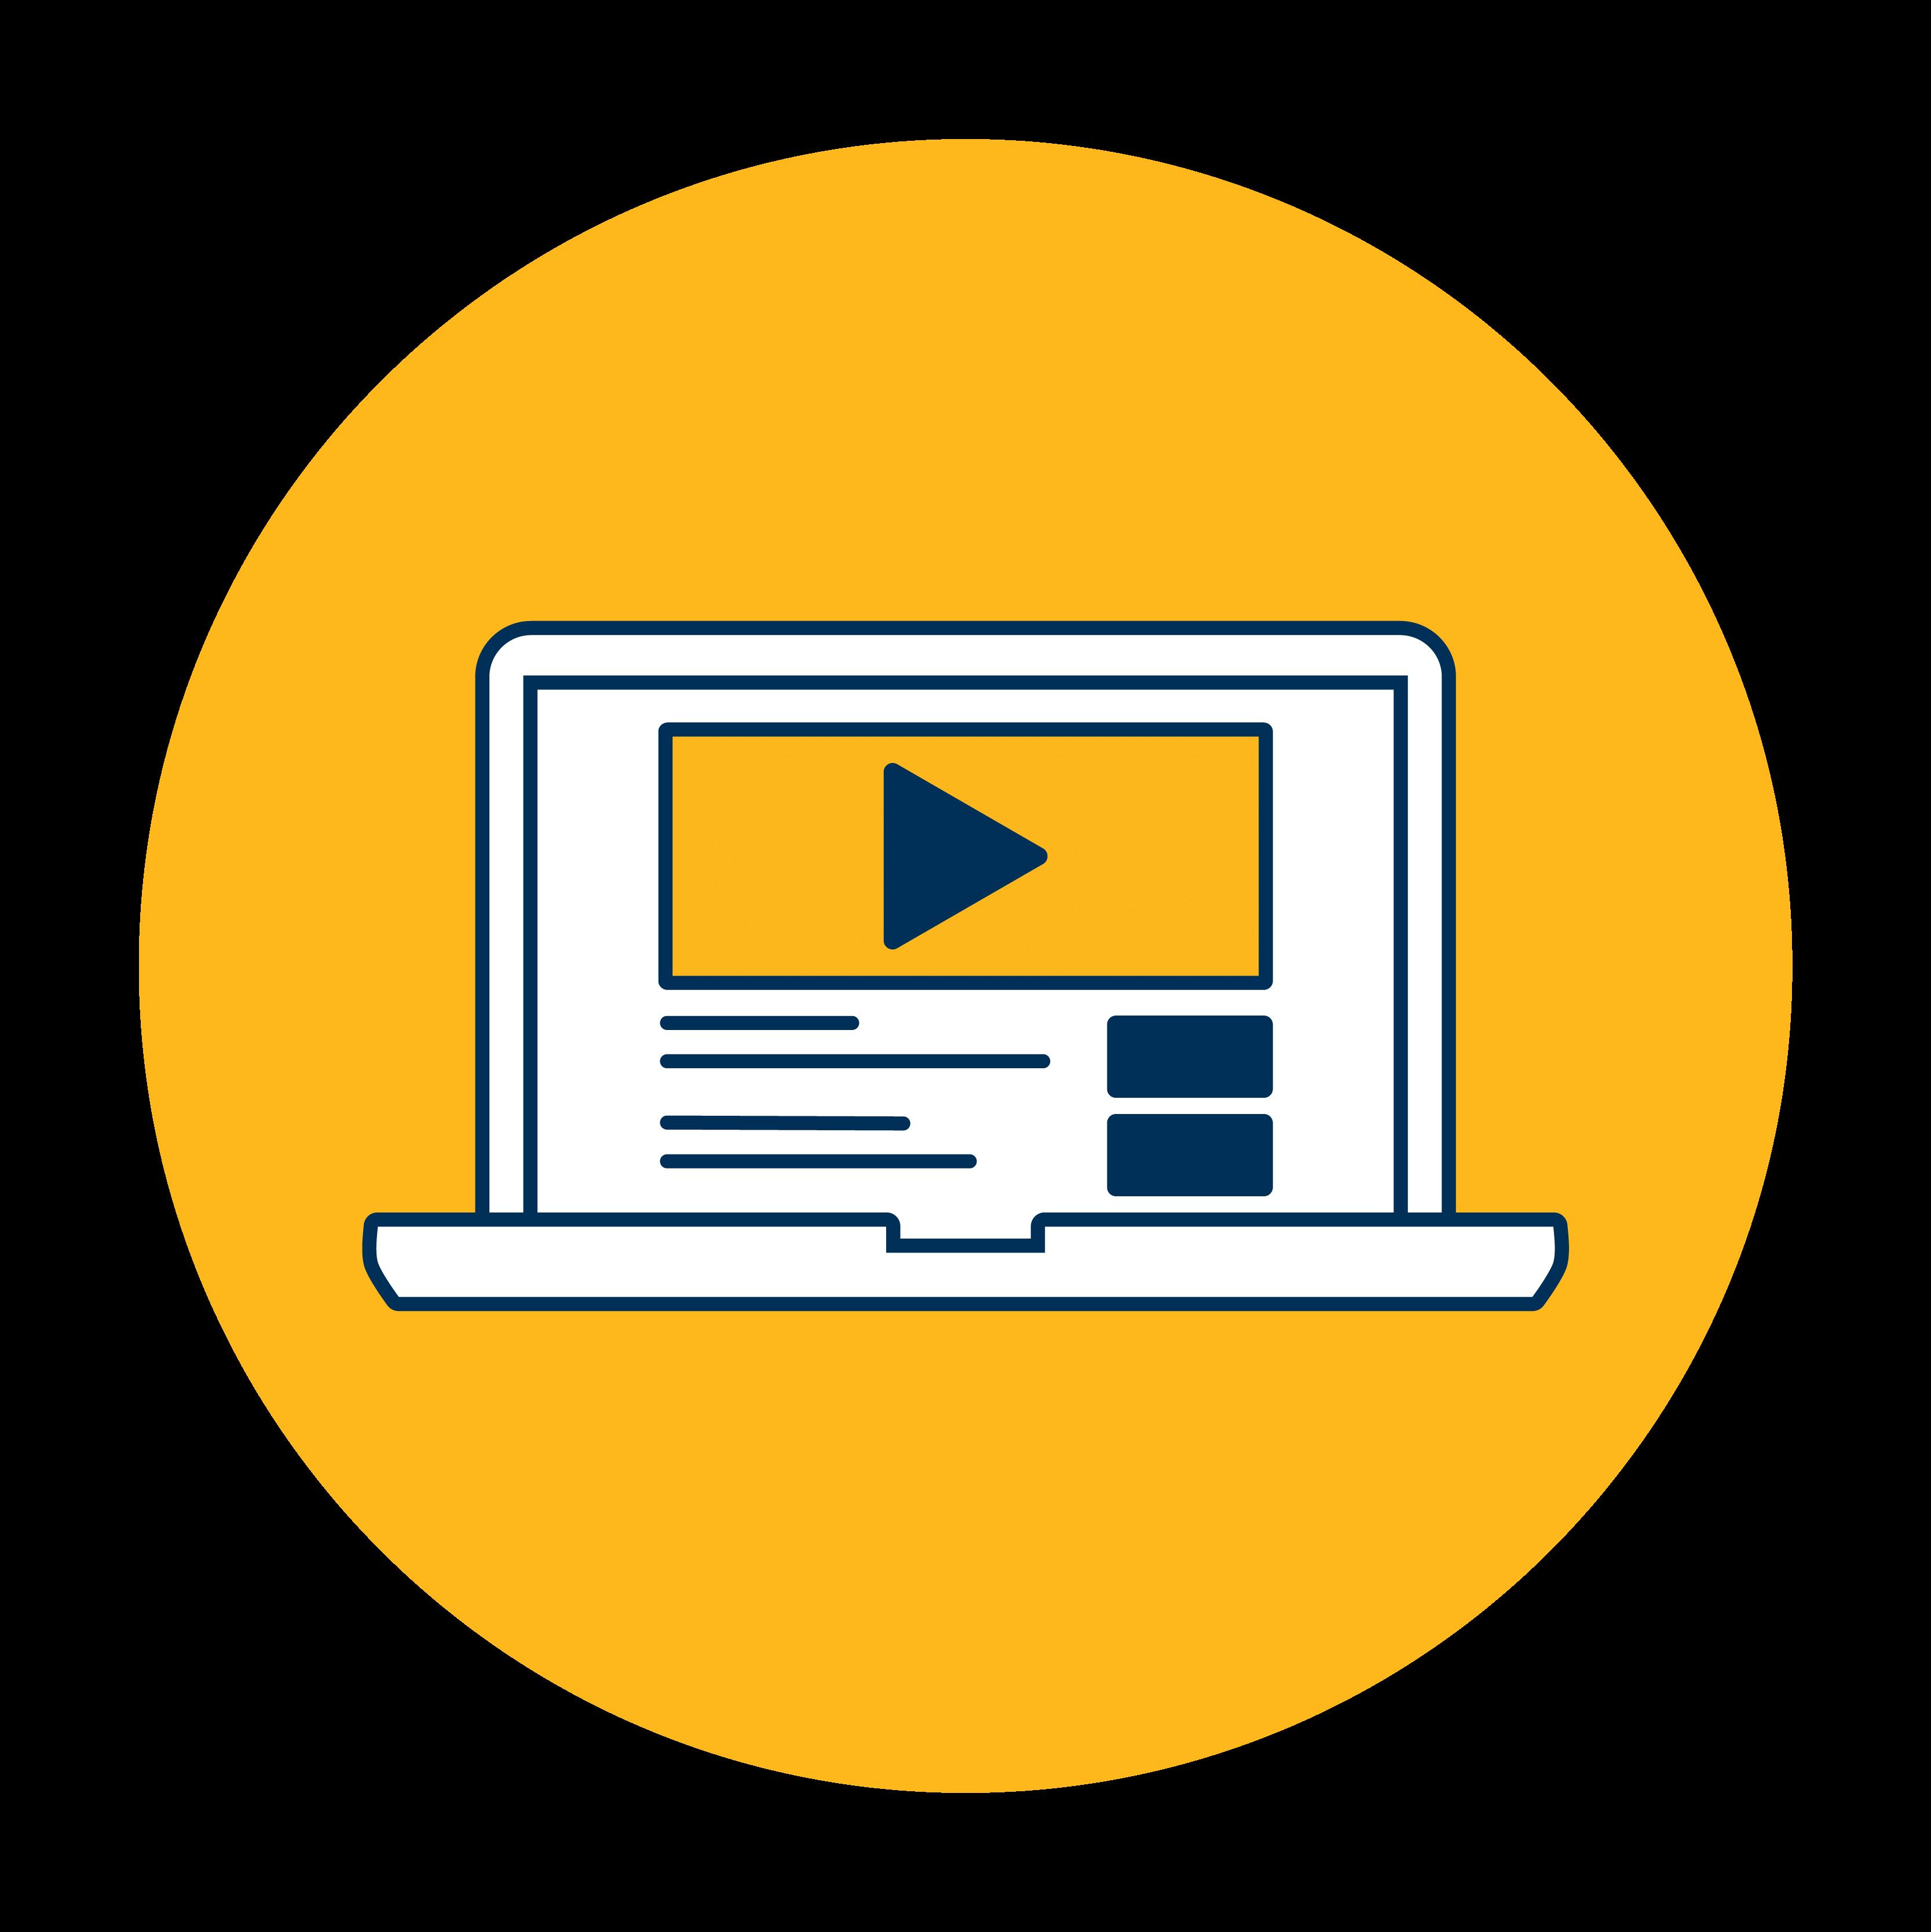 Explore Pearson Online Program Management Services